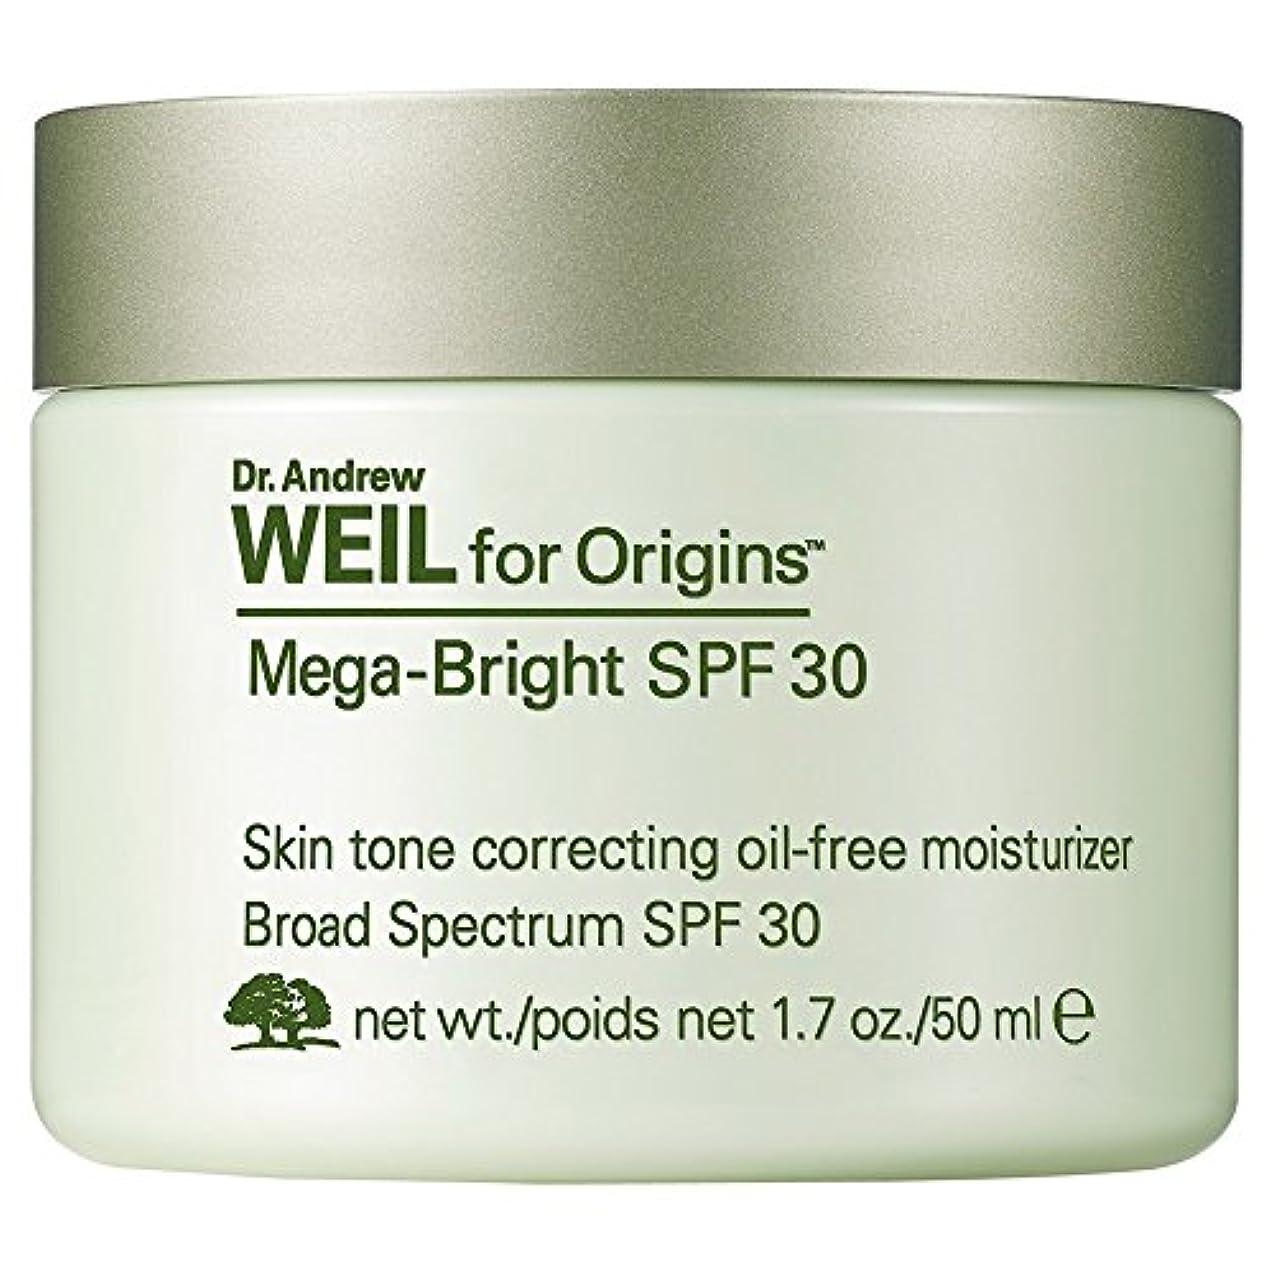 に対応乱闘キュービックDr。保湿、50ミリリットルの補正アンドルー?ワイルメガブライトSpf30の肌のトーン (Origins) (x2) - Dr. Andrew Weil Mega-Bright SPF30 Skin Tone Correcting...